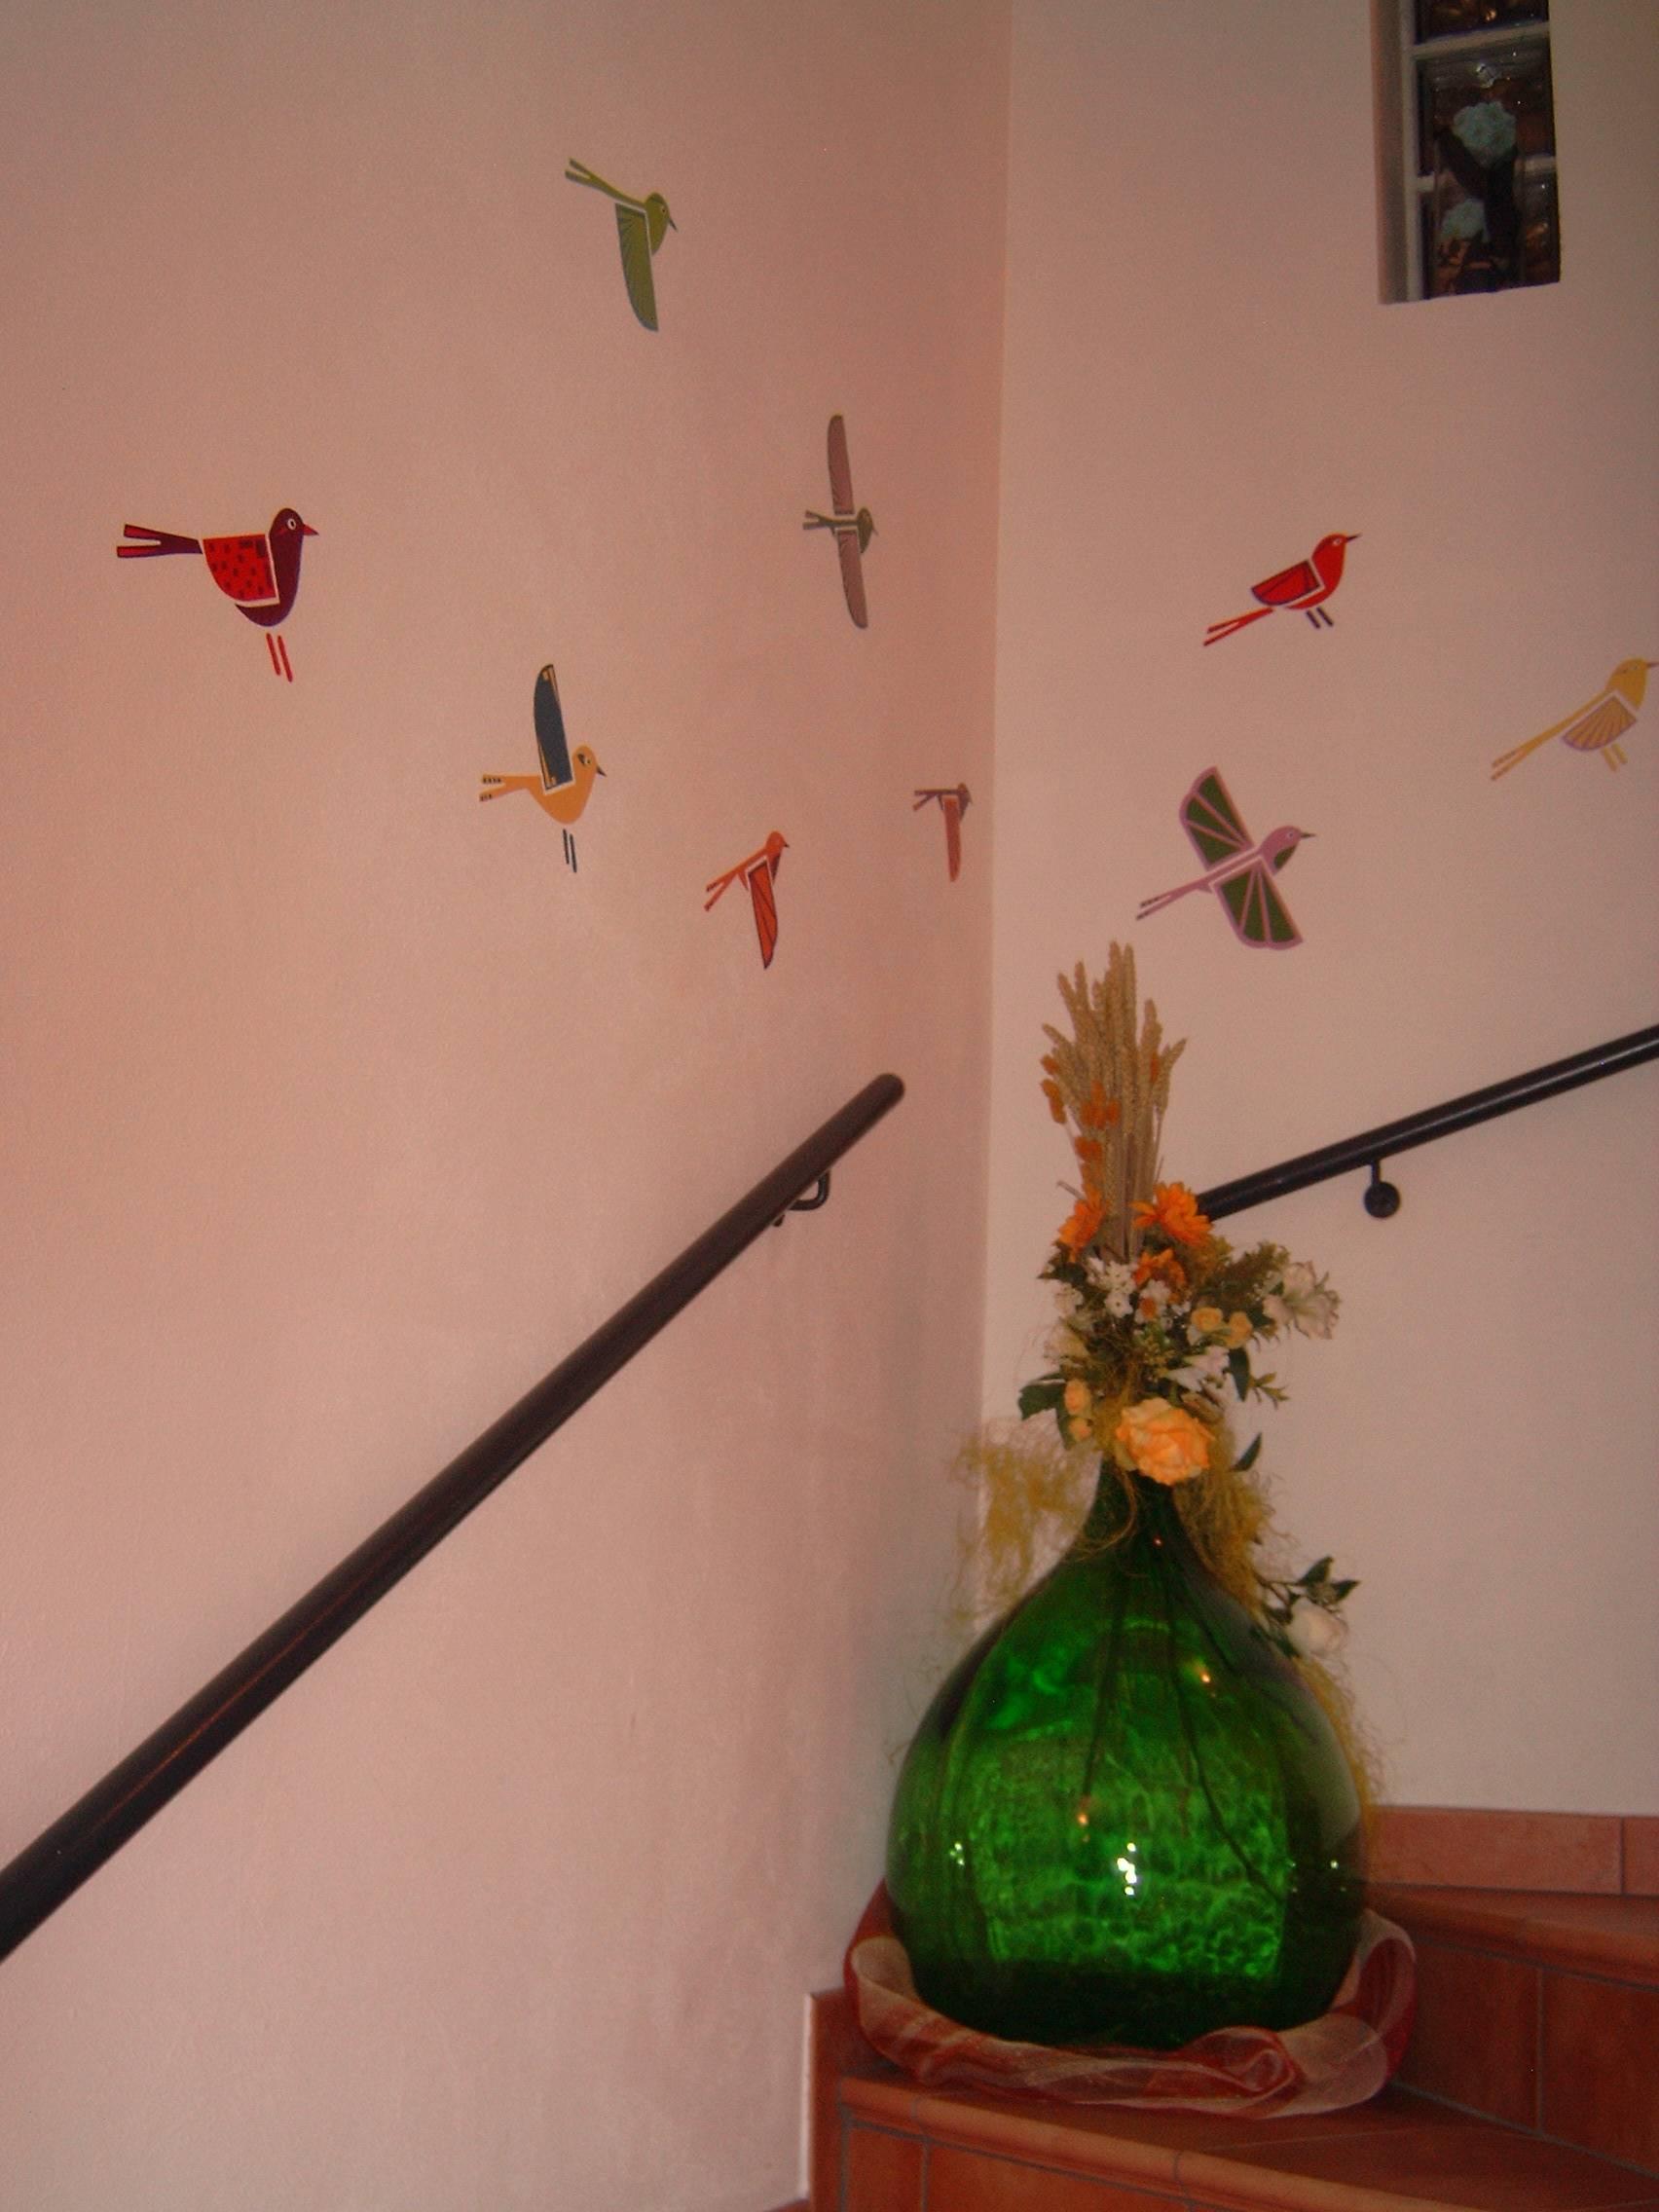 Ecco come ho decorato le mie pareti con gli wall stickers della Lavatelli